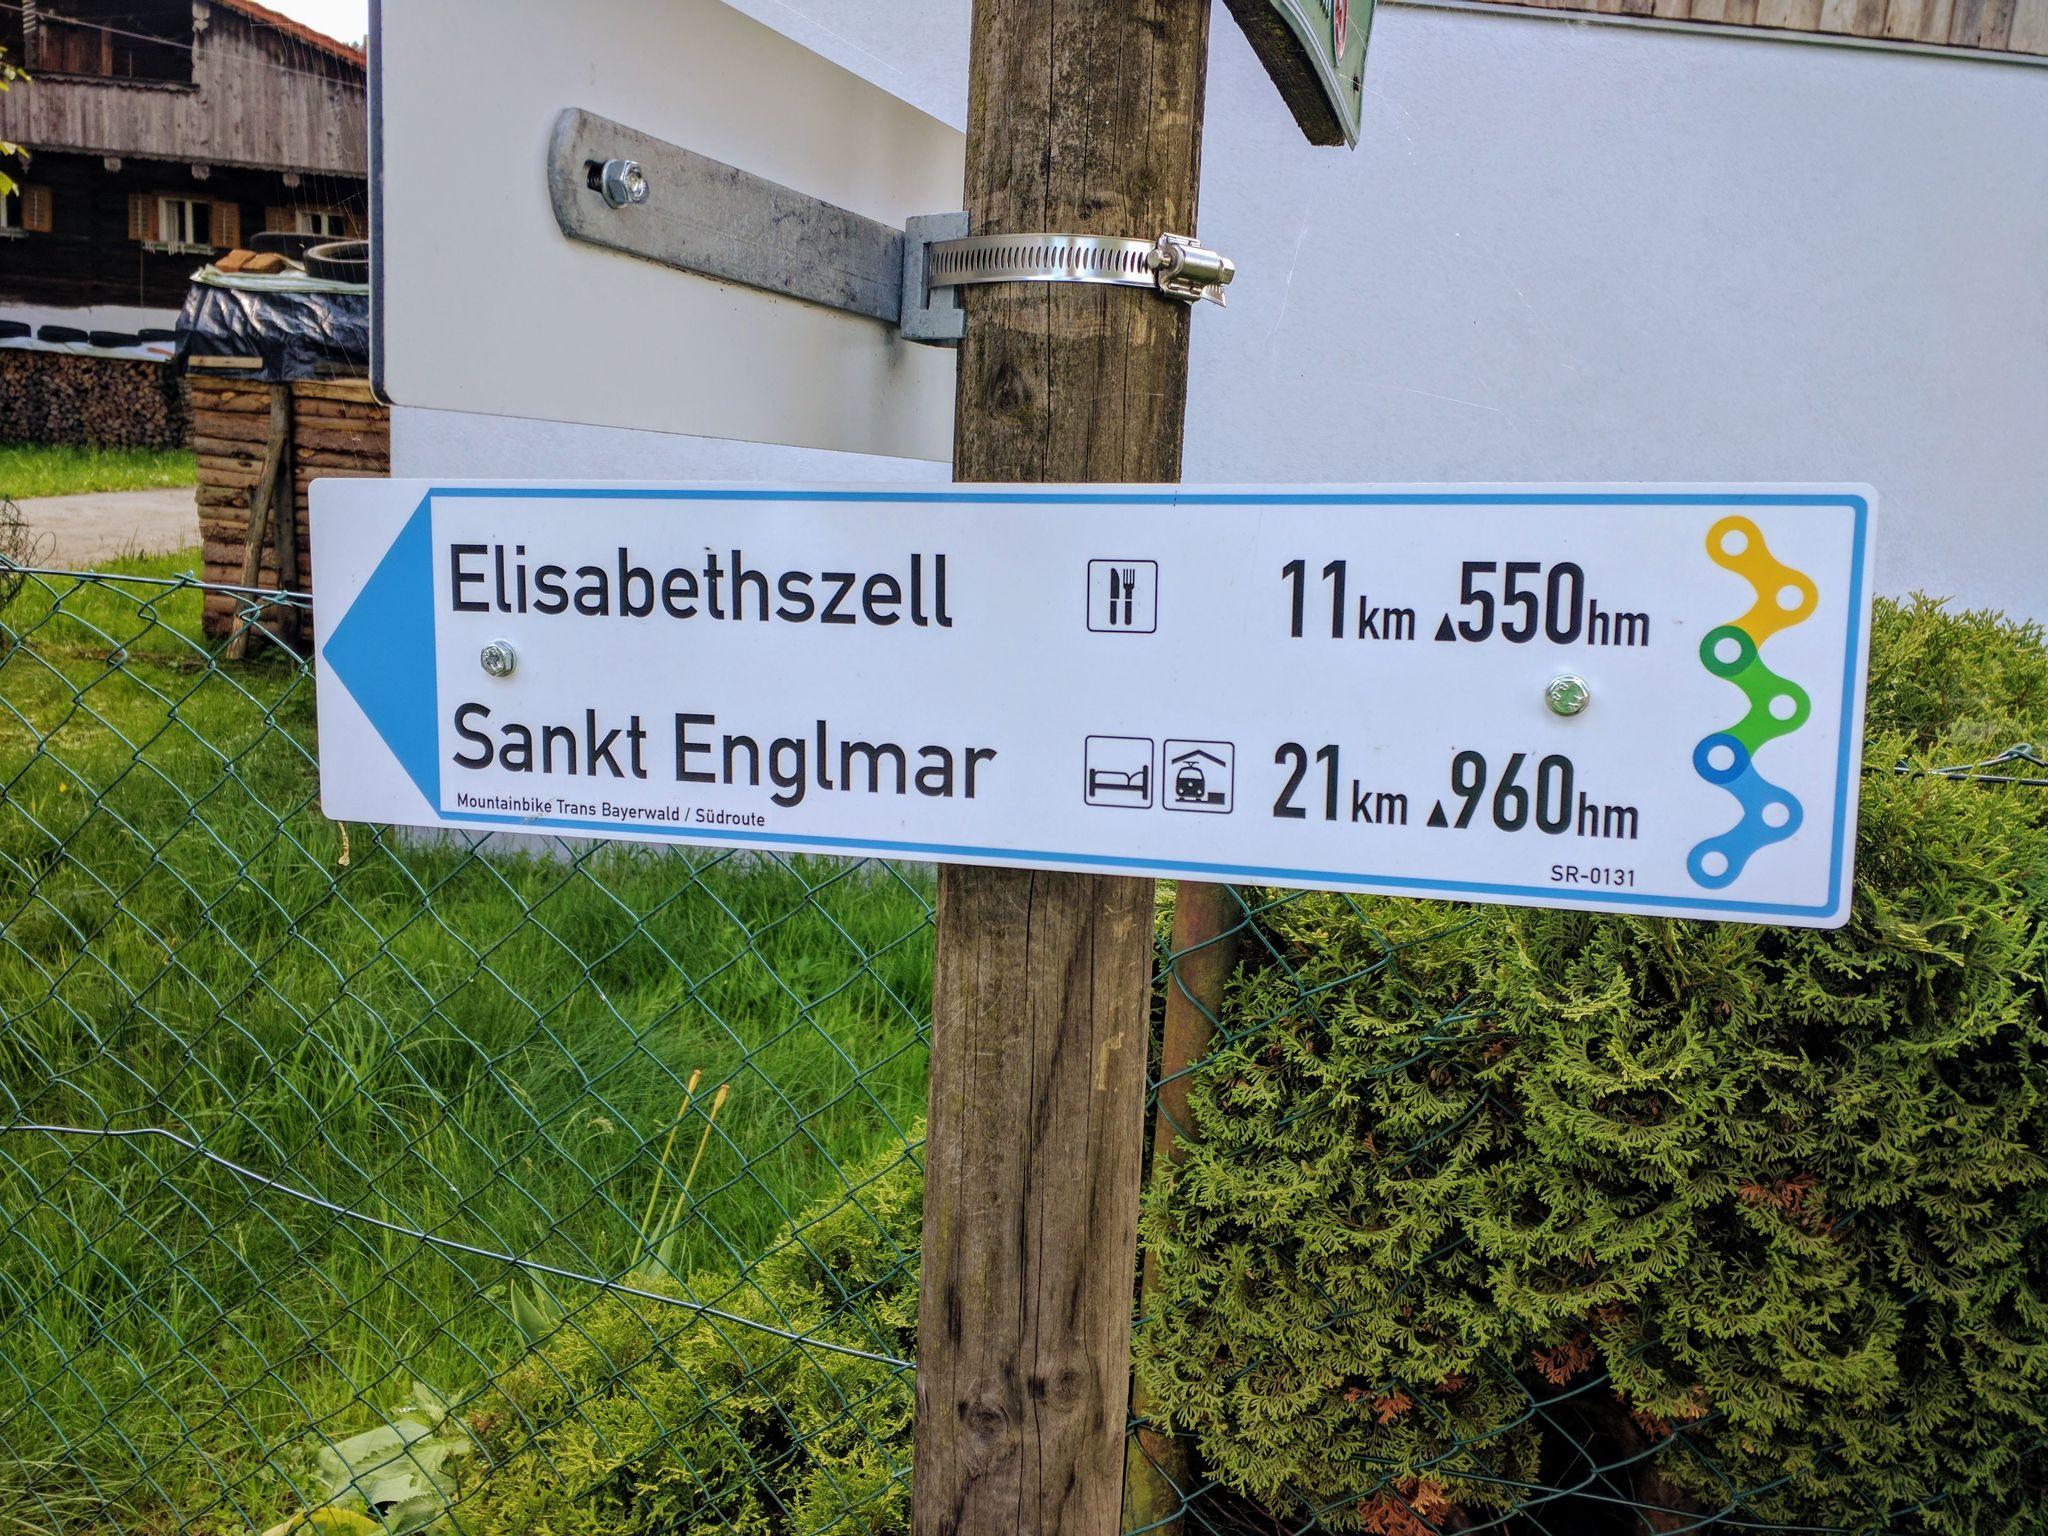 Trans Bayerwald - Wegweise in Landorf, noch einige Höhenmeter bis zum Ziel in Sankt Englmar